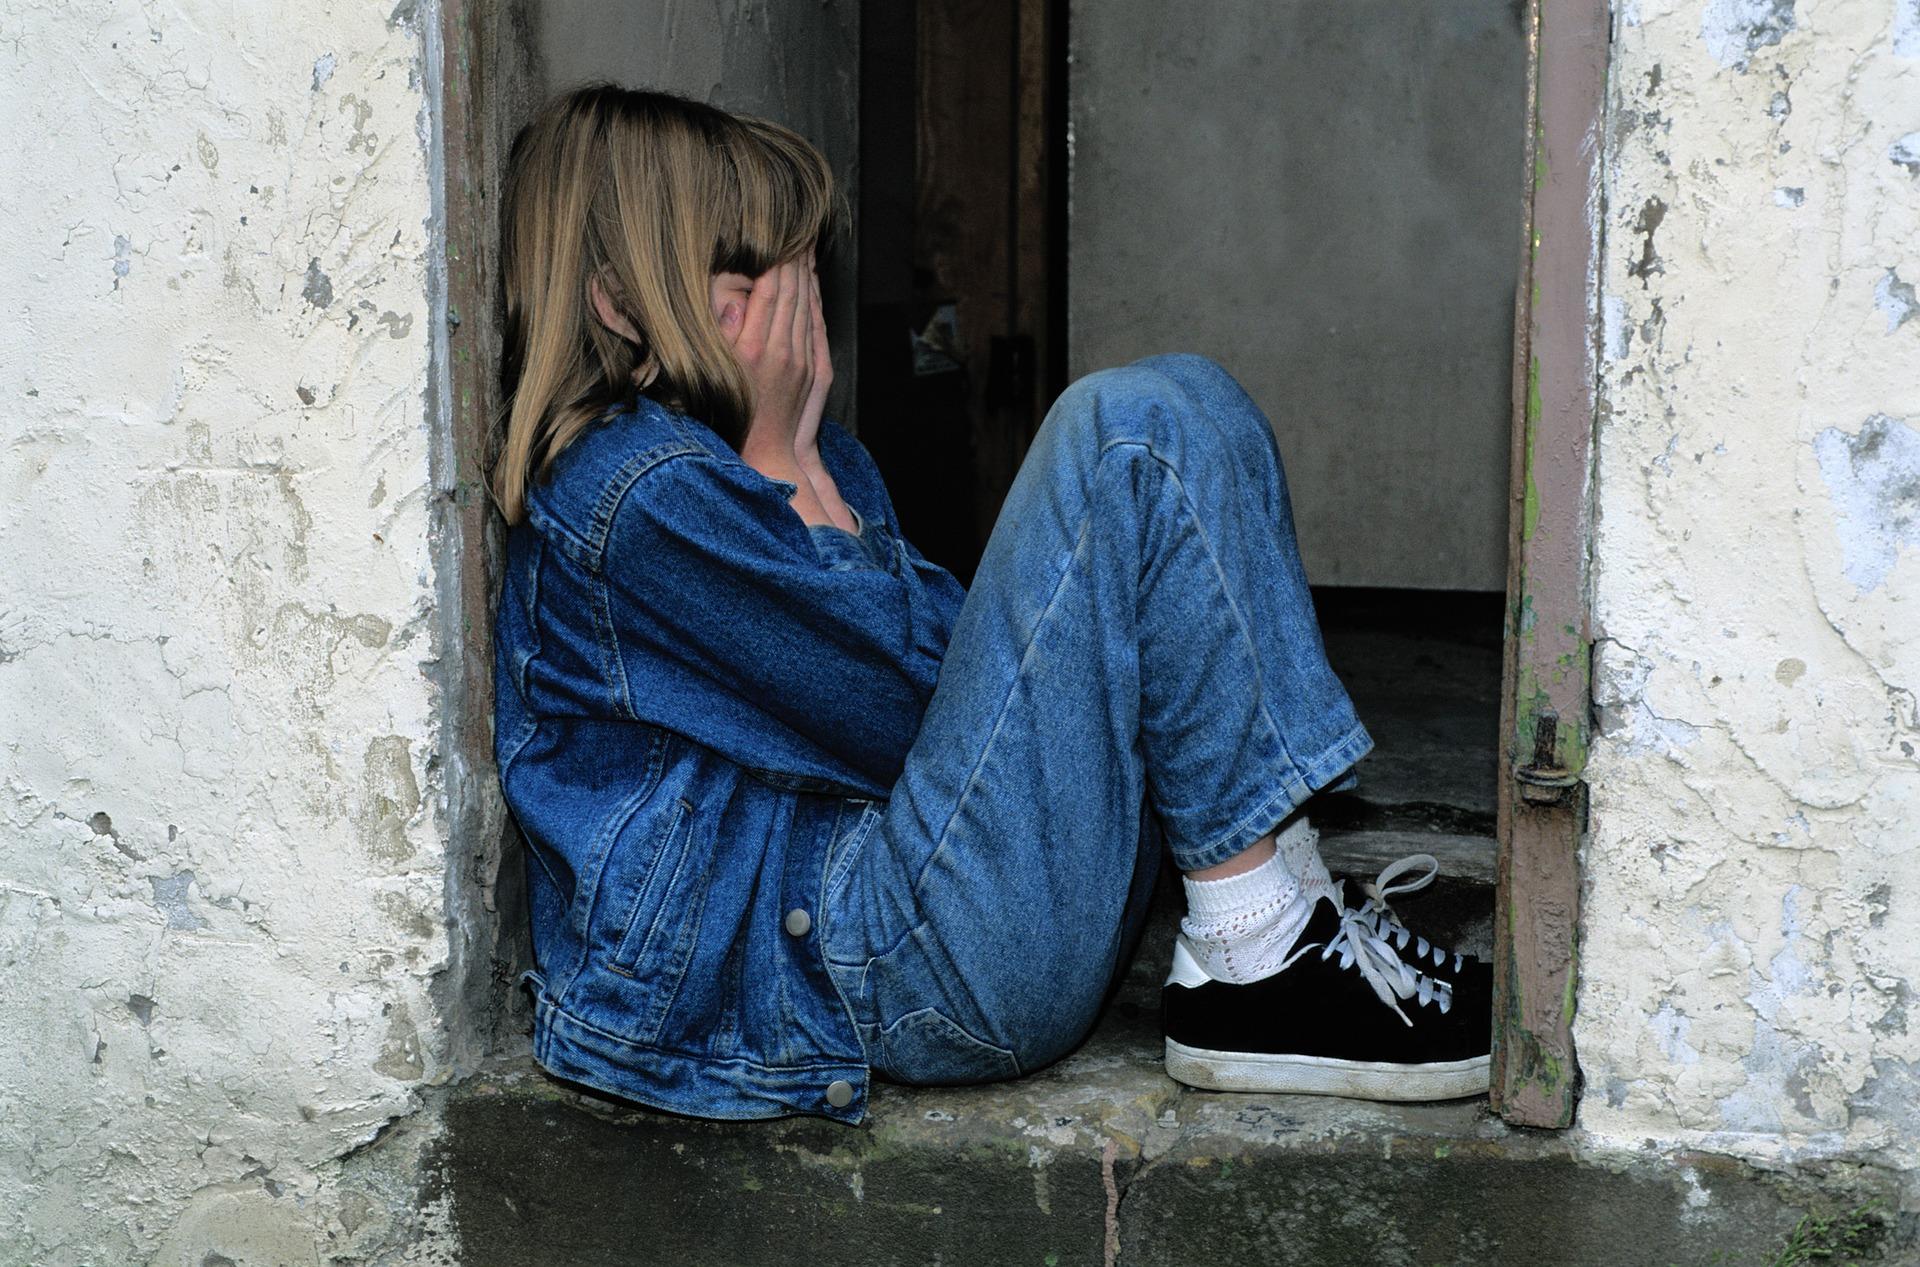 La différence entre la simple peur et la phobie : ce qu'il faut savoir